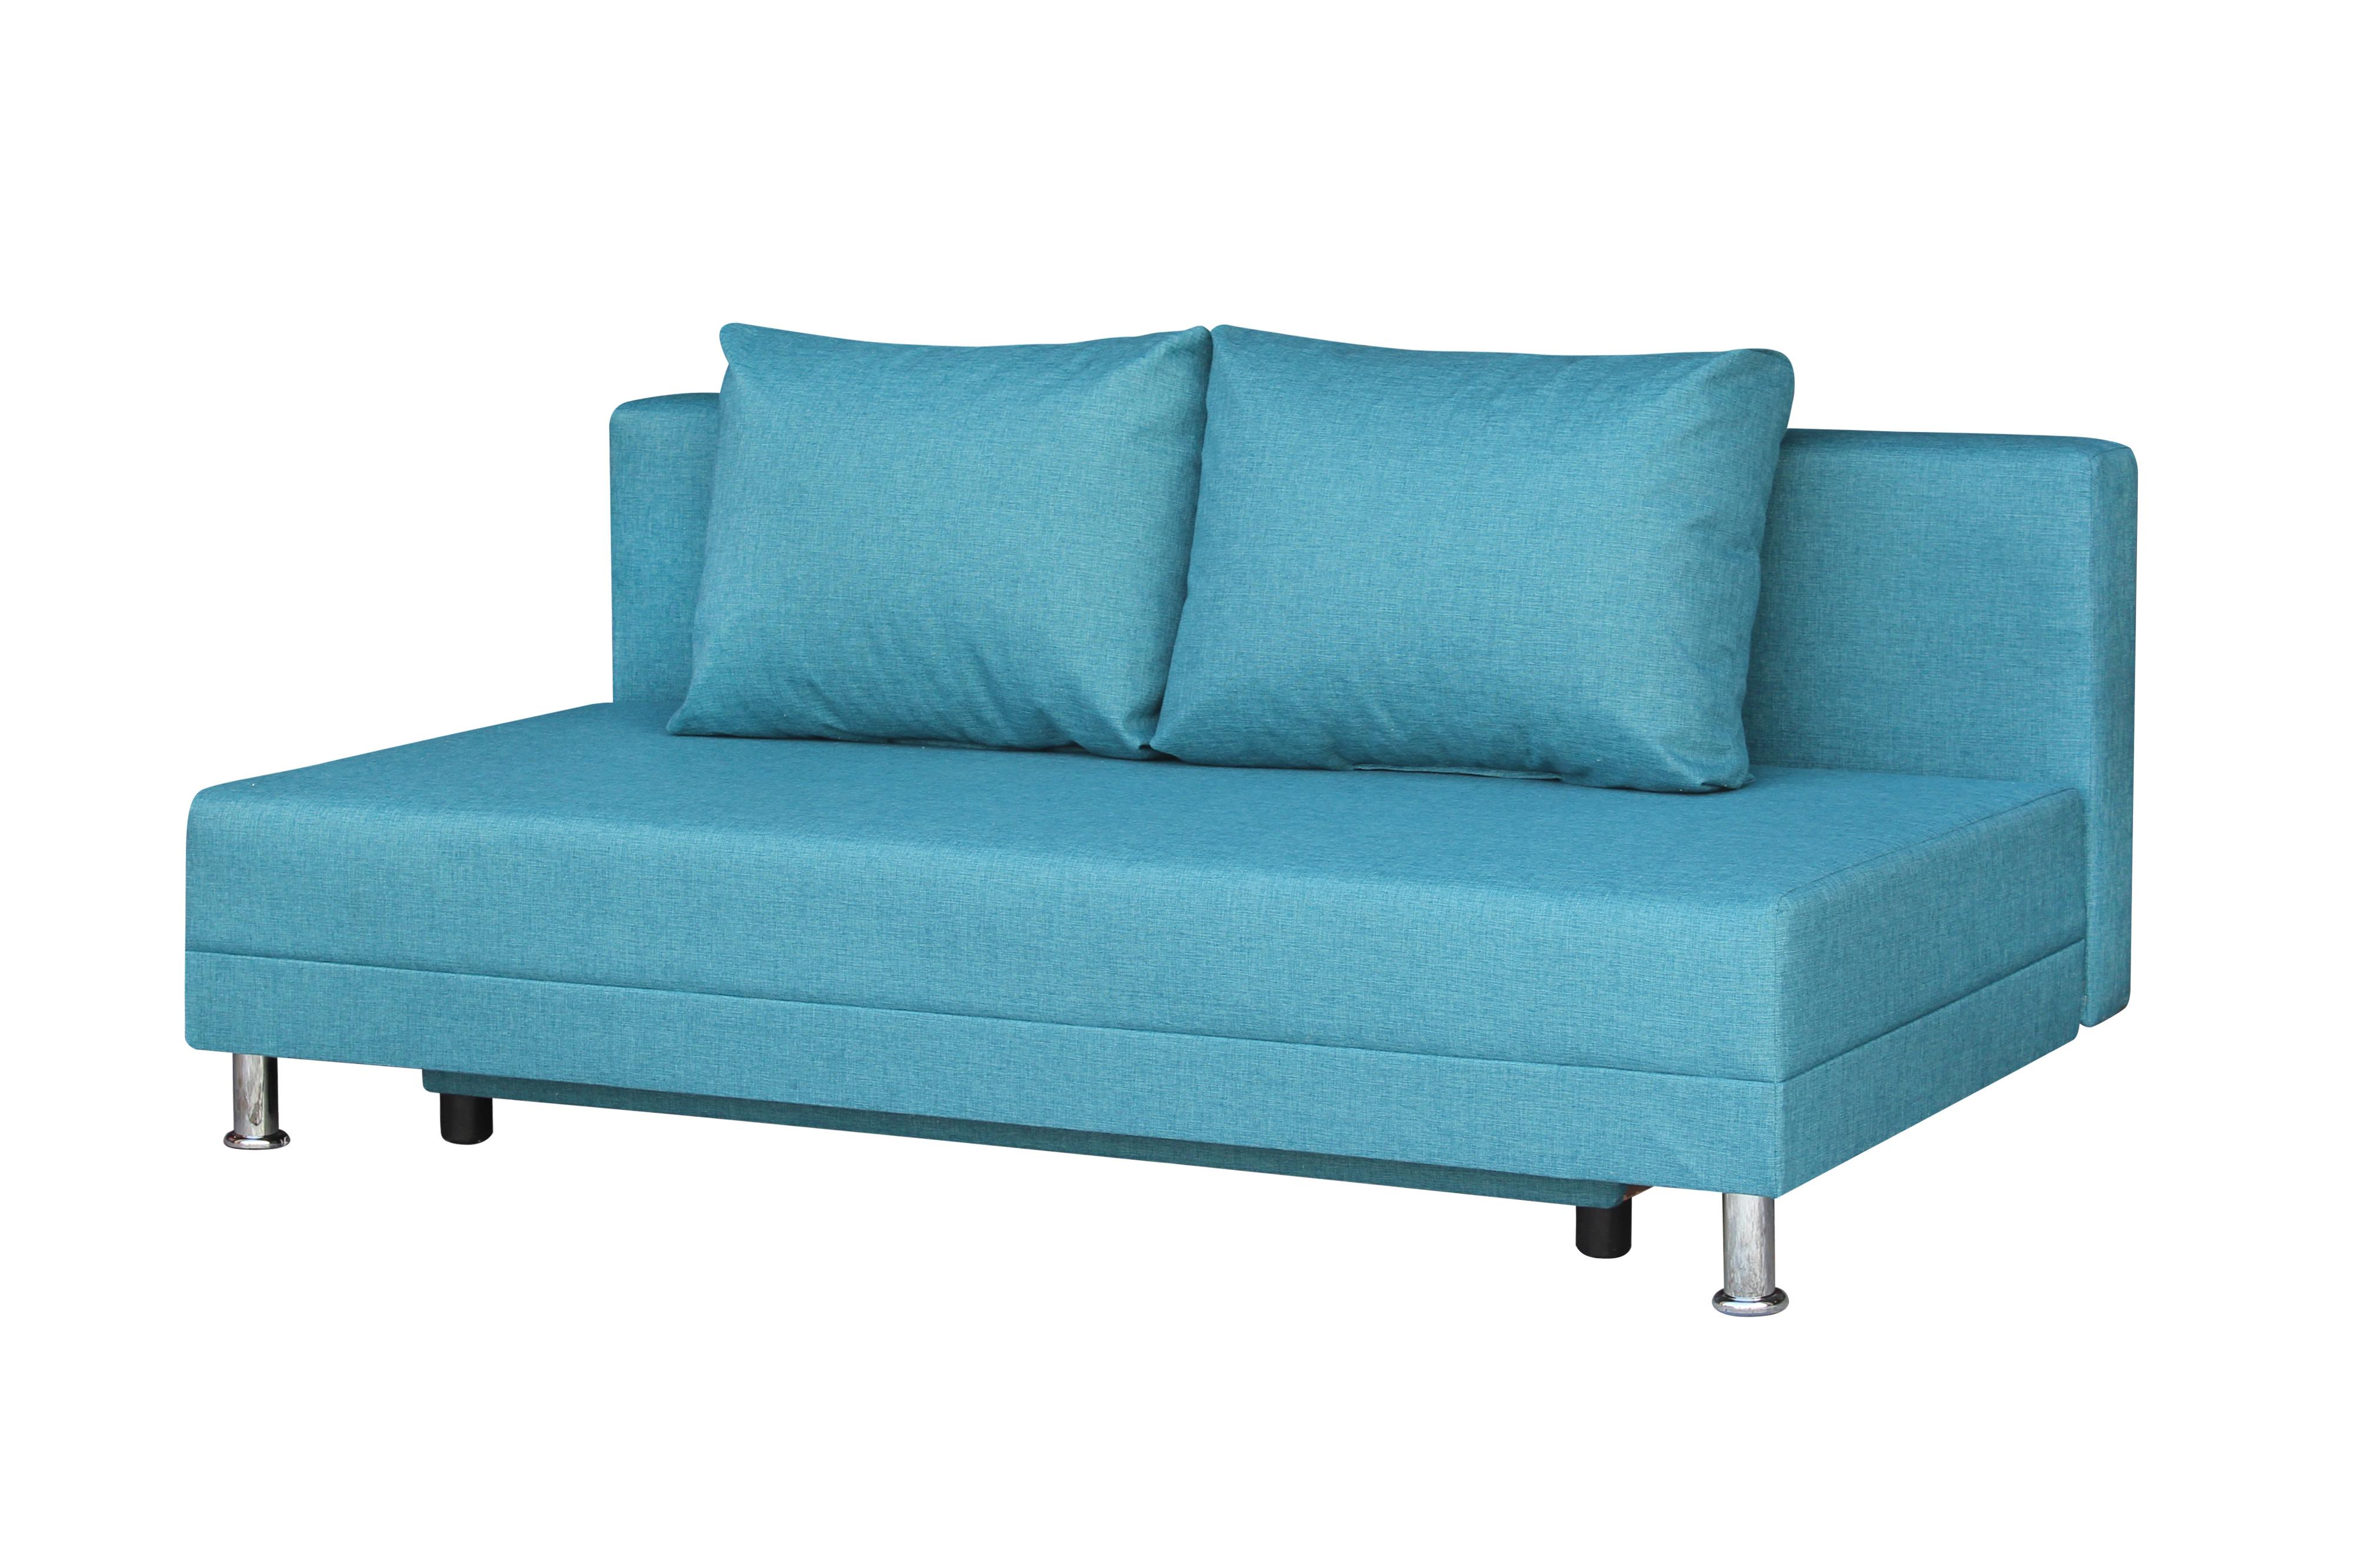 Диван-кровать Комфорт без подлокотников BALTIC AZURE - фото